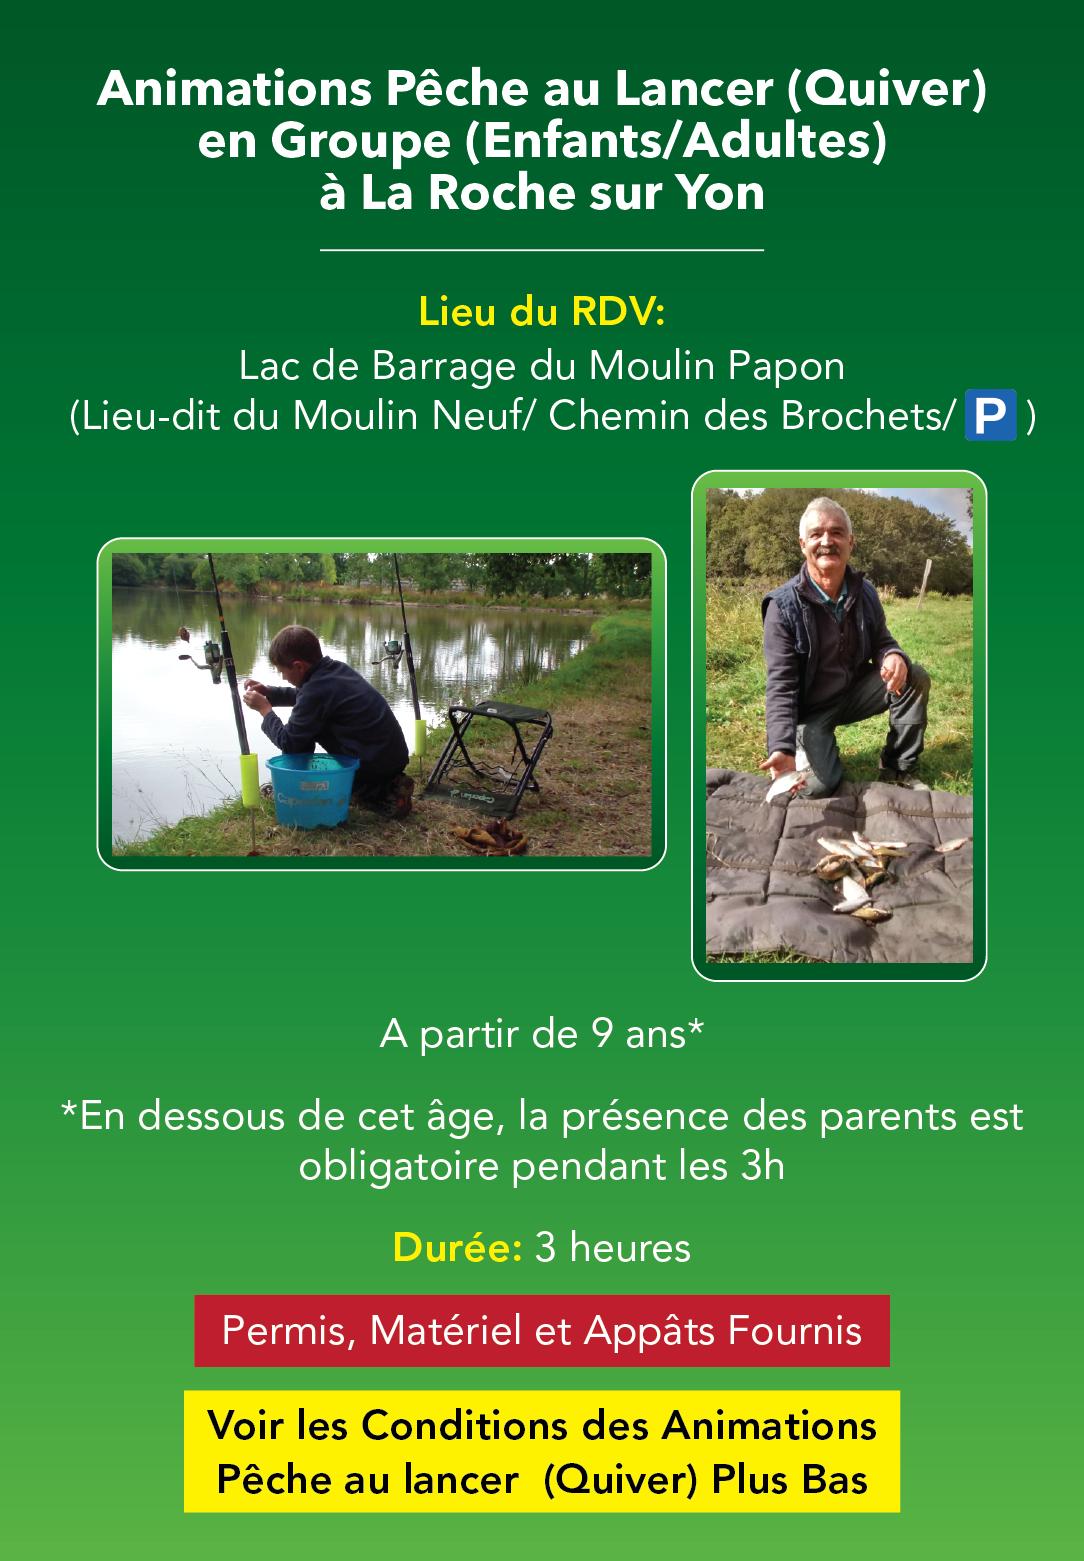 Animations Pêche au Lancer en Groupe, en Vendée